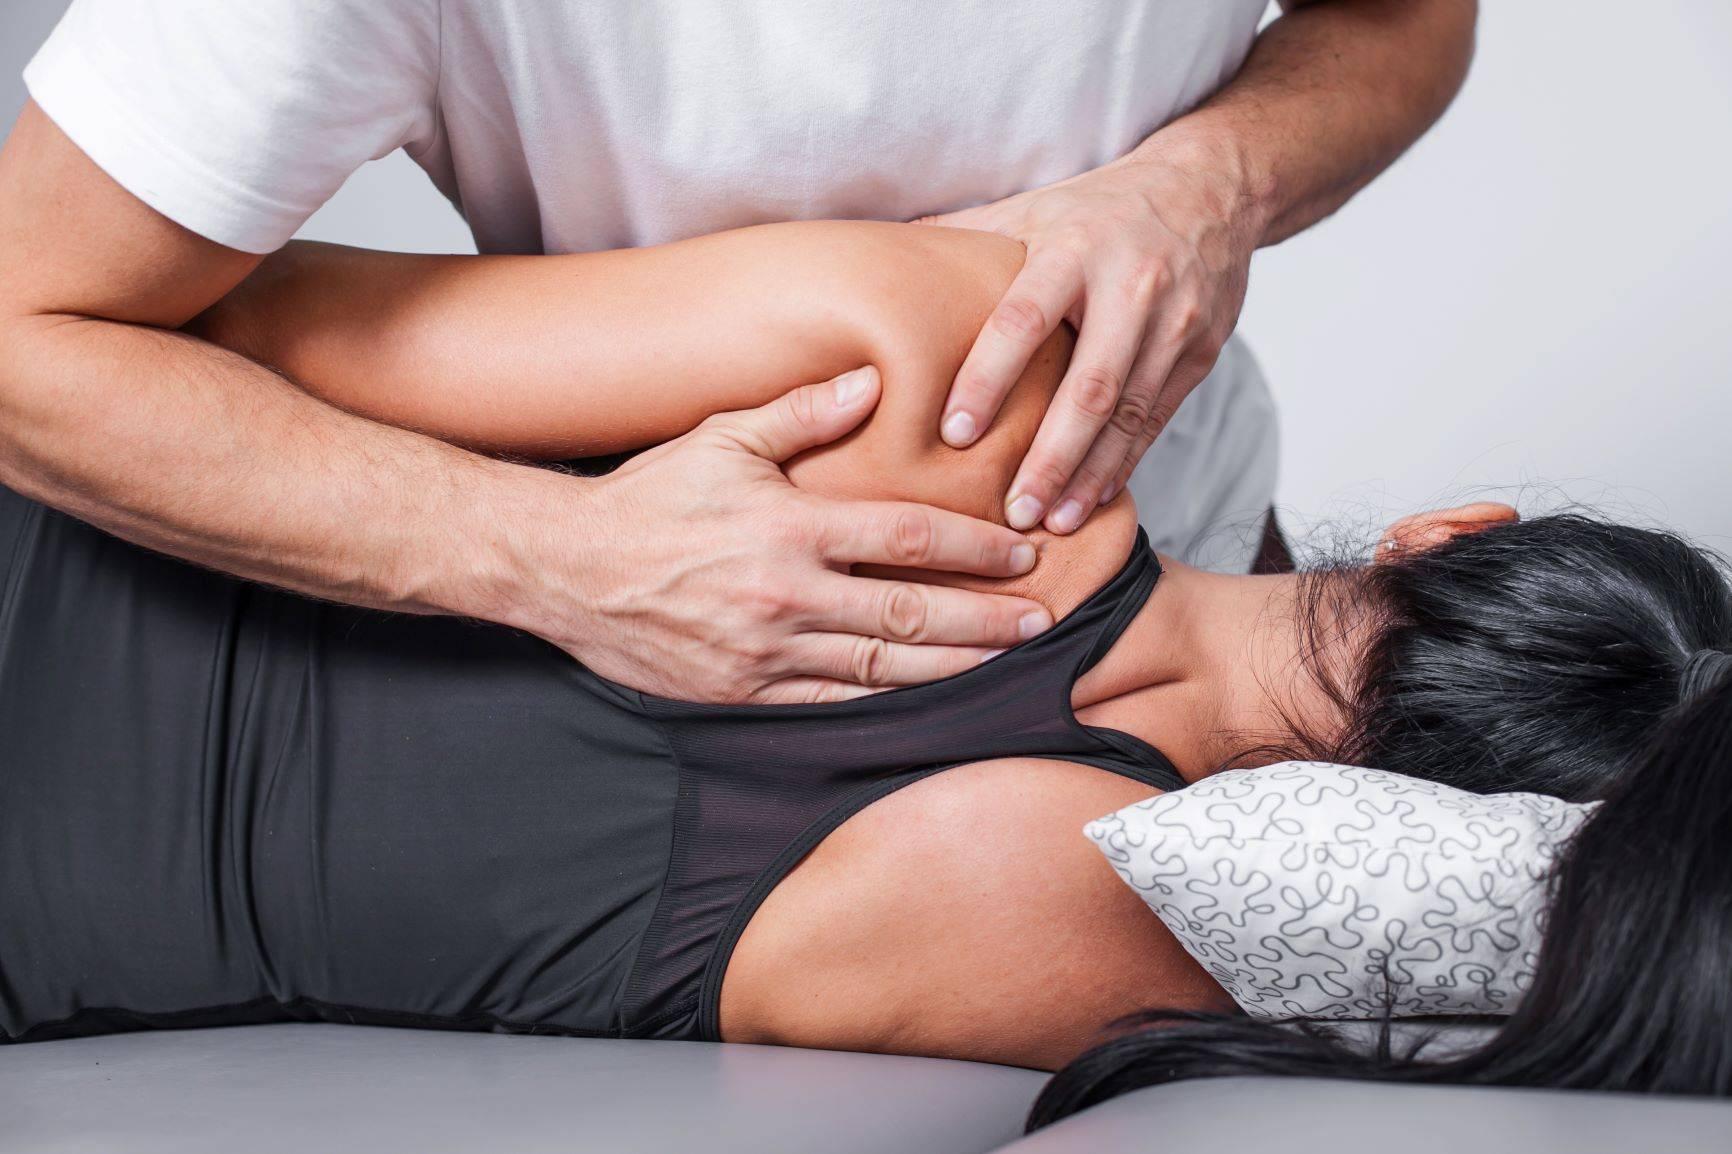 Masaż rolfing - terapia manualna. Fizjoterapeuta wykonuje masaż powięzi kobiety.